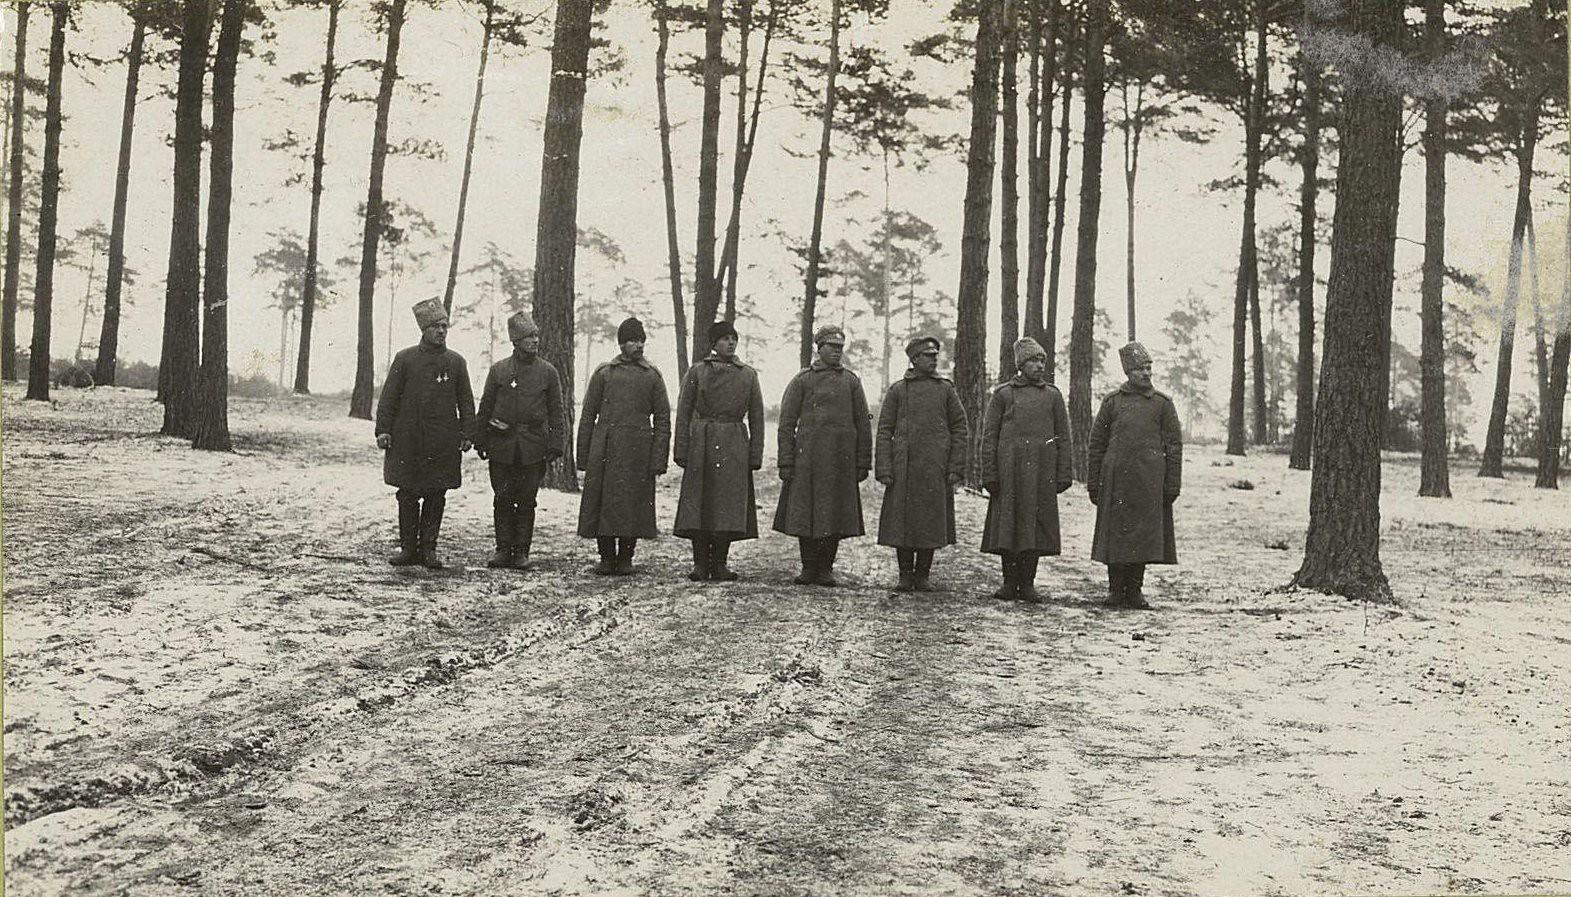 108. Обучение молодых солдат в лесу у позиций